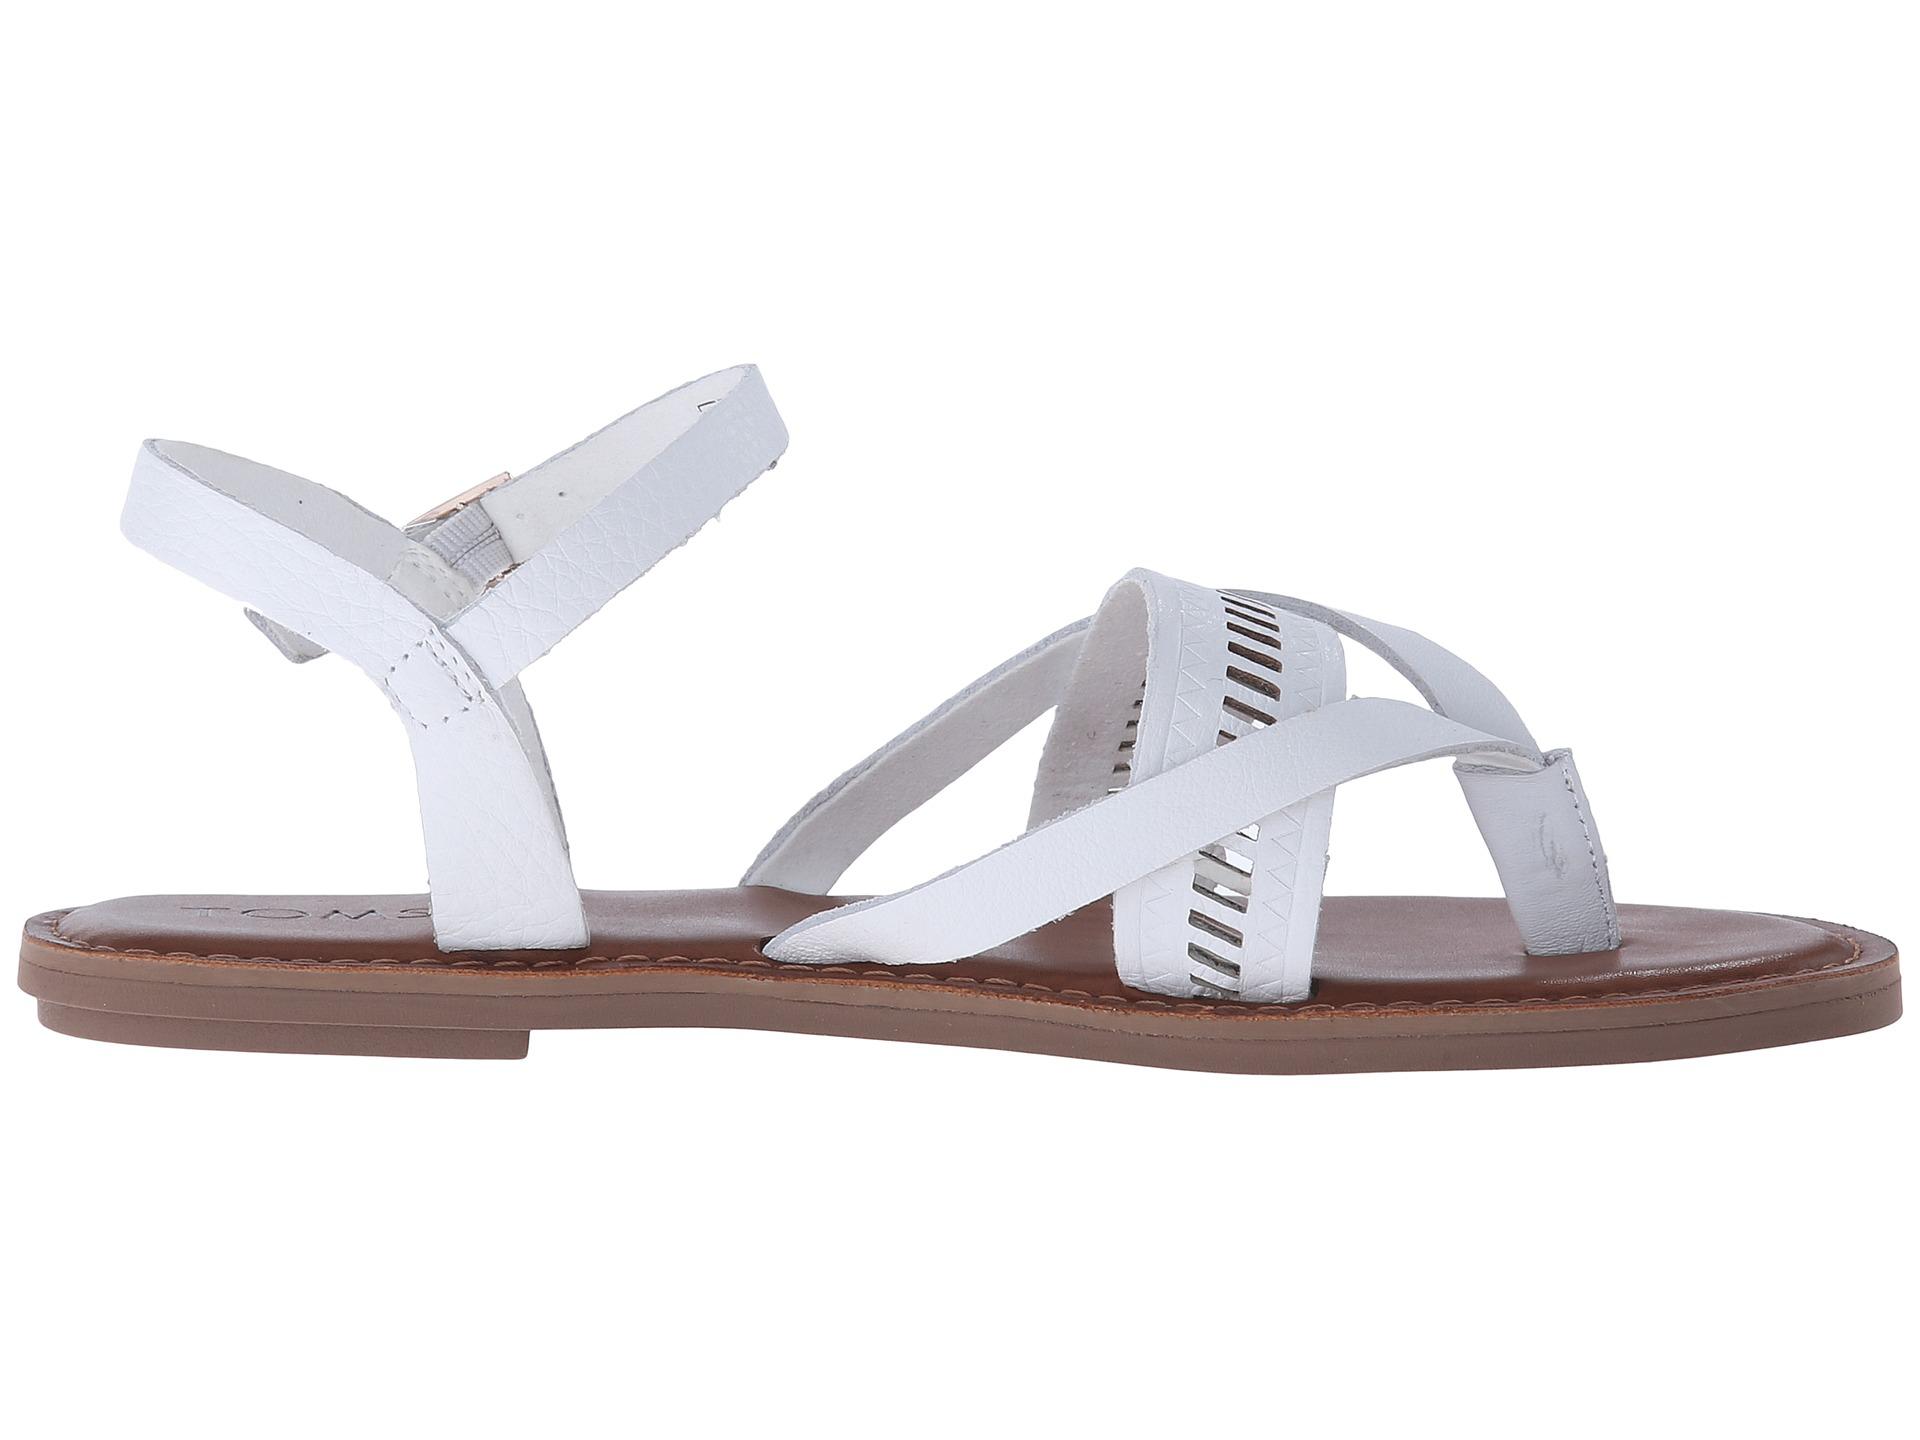 352b2501b53 Lyst - TOMS Lexie Sandal in White